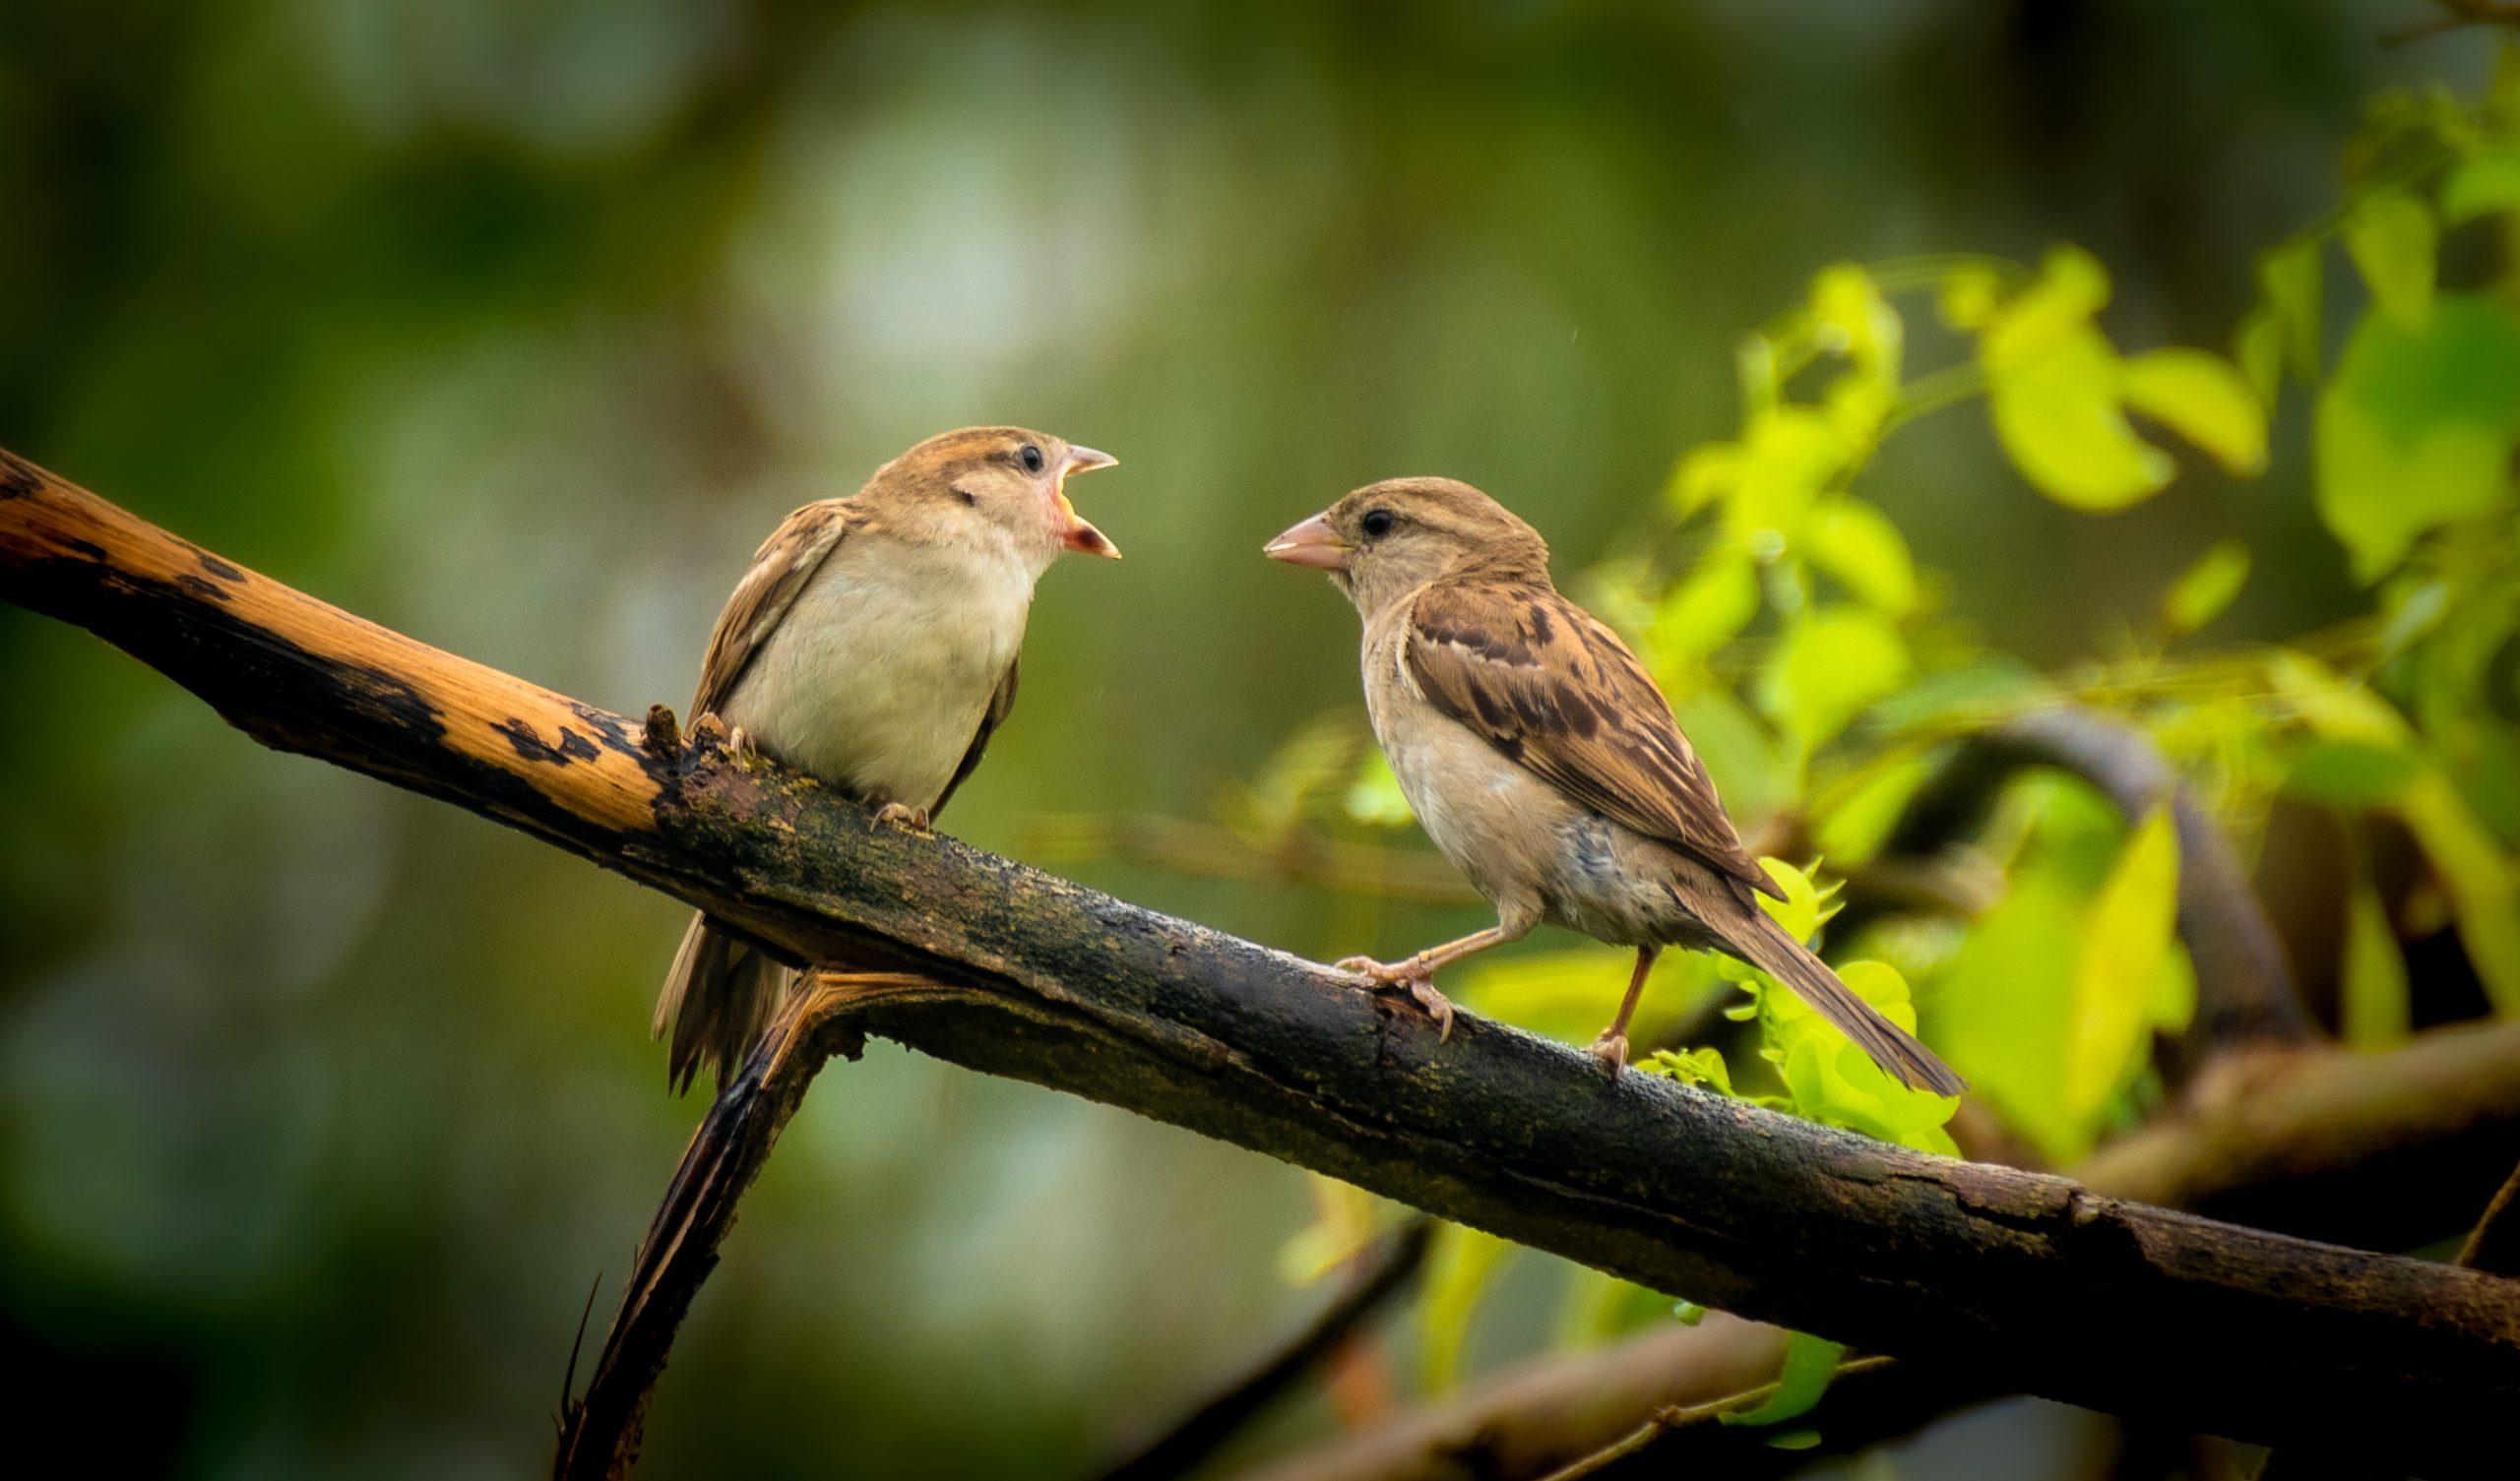 Two birds seem like fighting